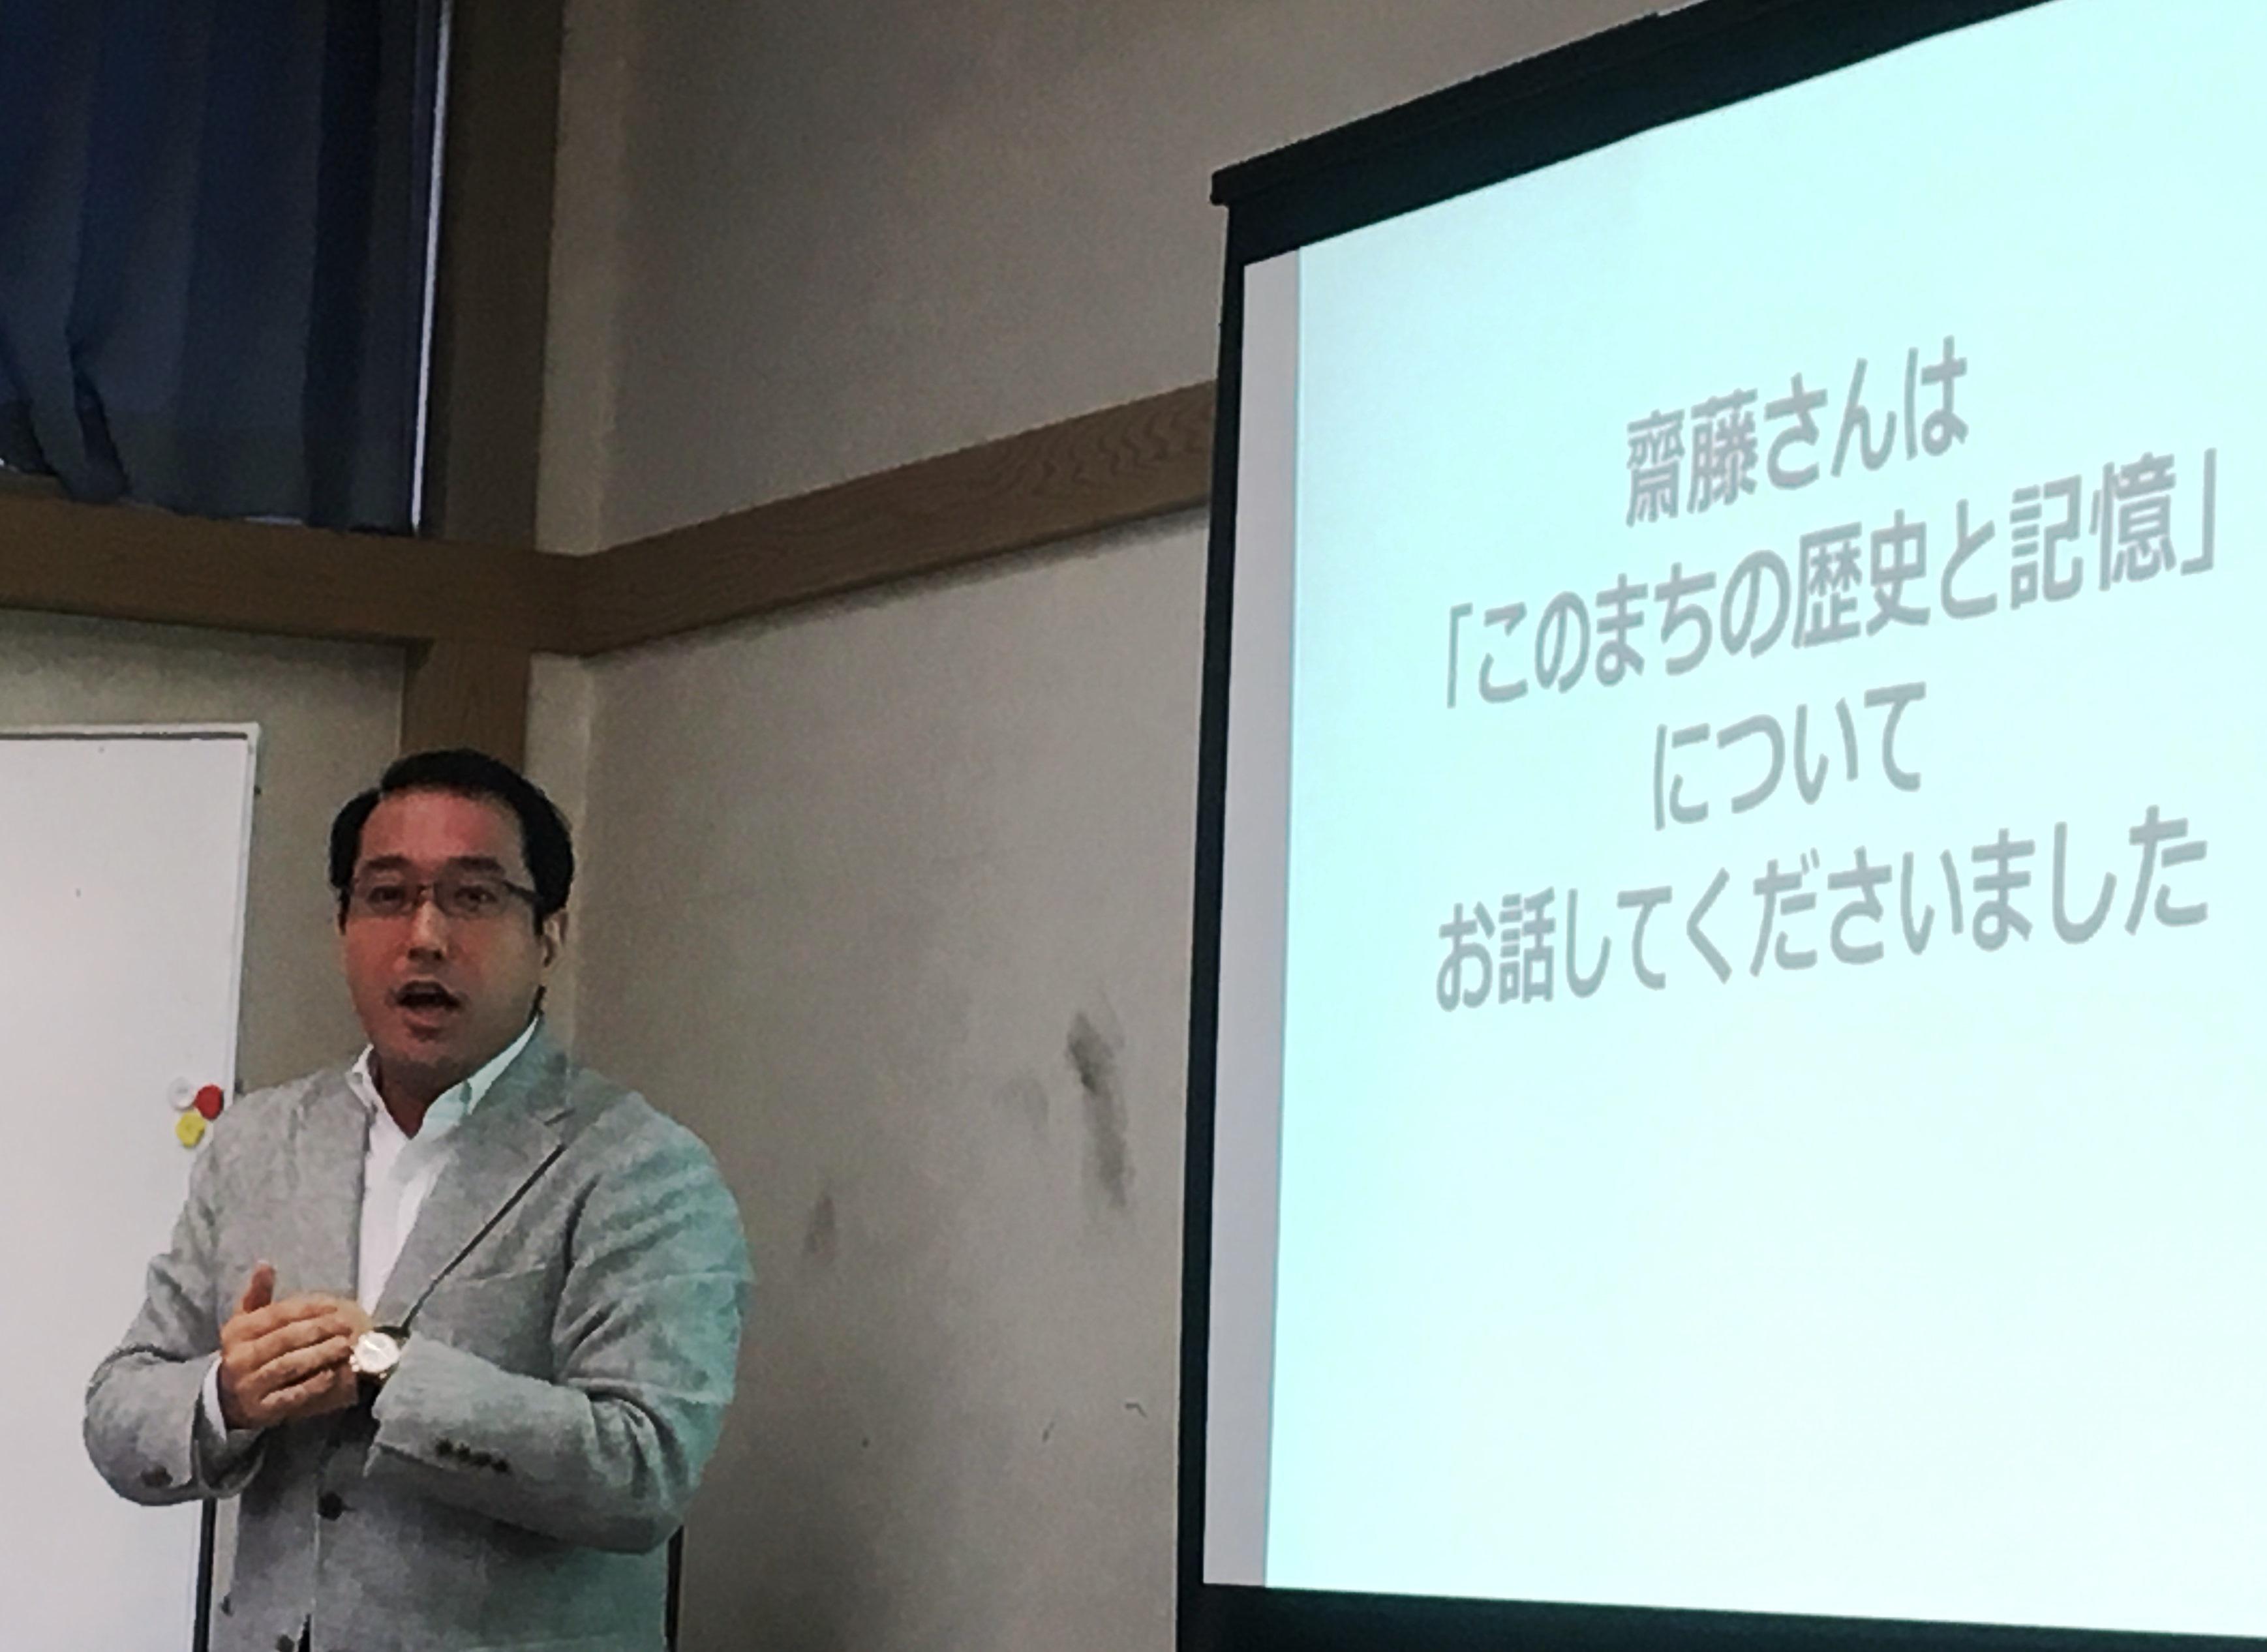 地域と行政の合同ワークショップ@池子小学校区は亀井善太郎先生の手腕で予想以上に盛り上がりました